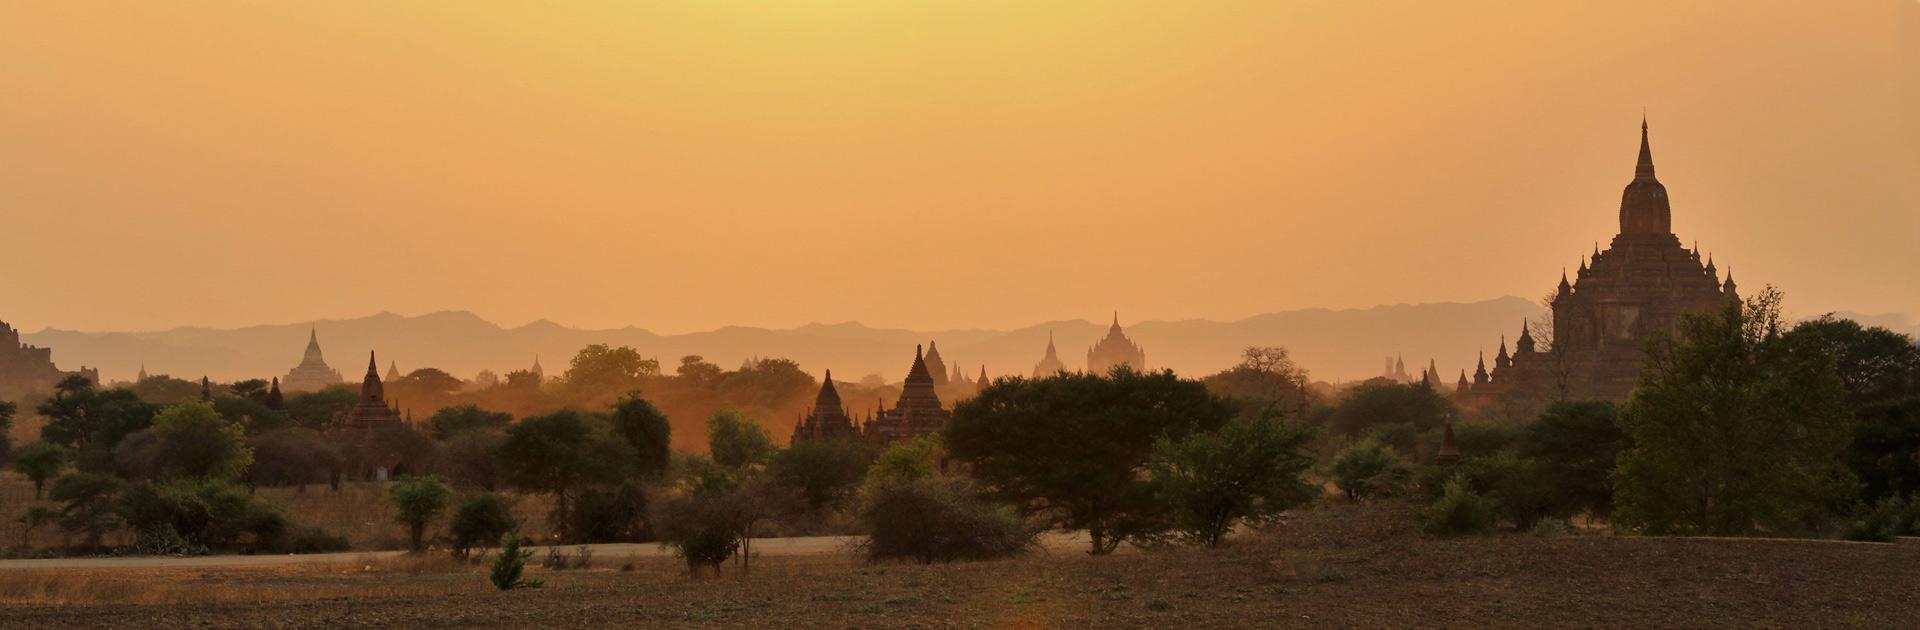 KHMM Myanmar Básico y Angkor 13 días 2